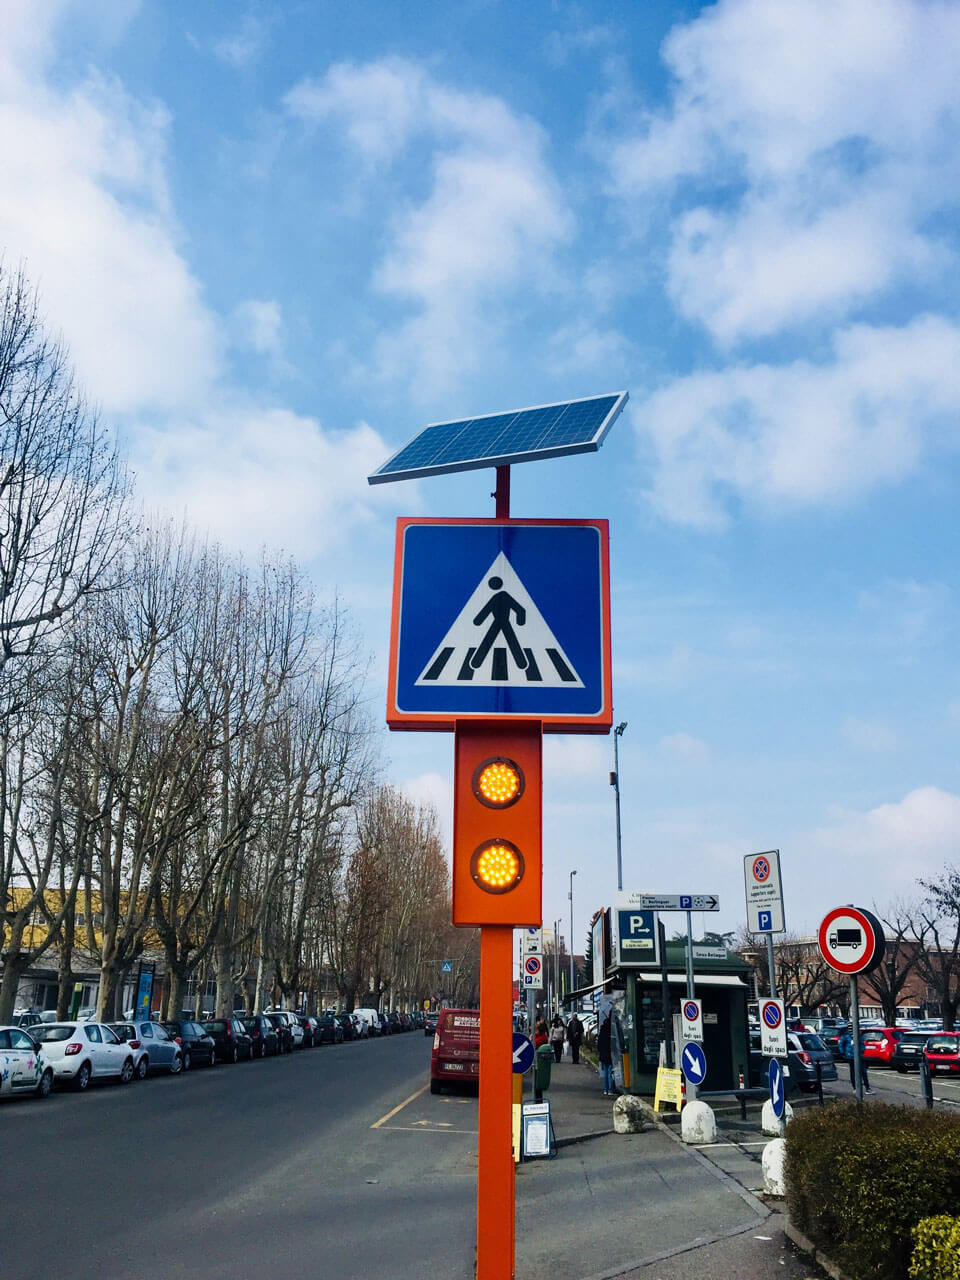 Installazione Alessandria - sicurezza stradale piemonte -foto 1